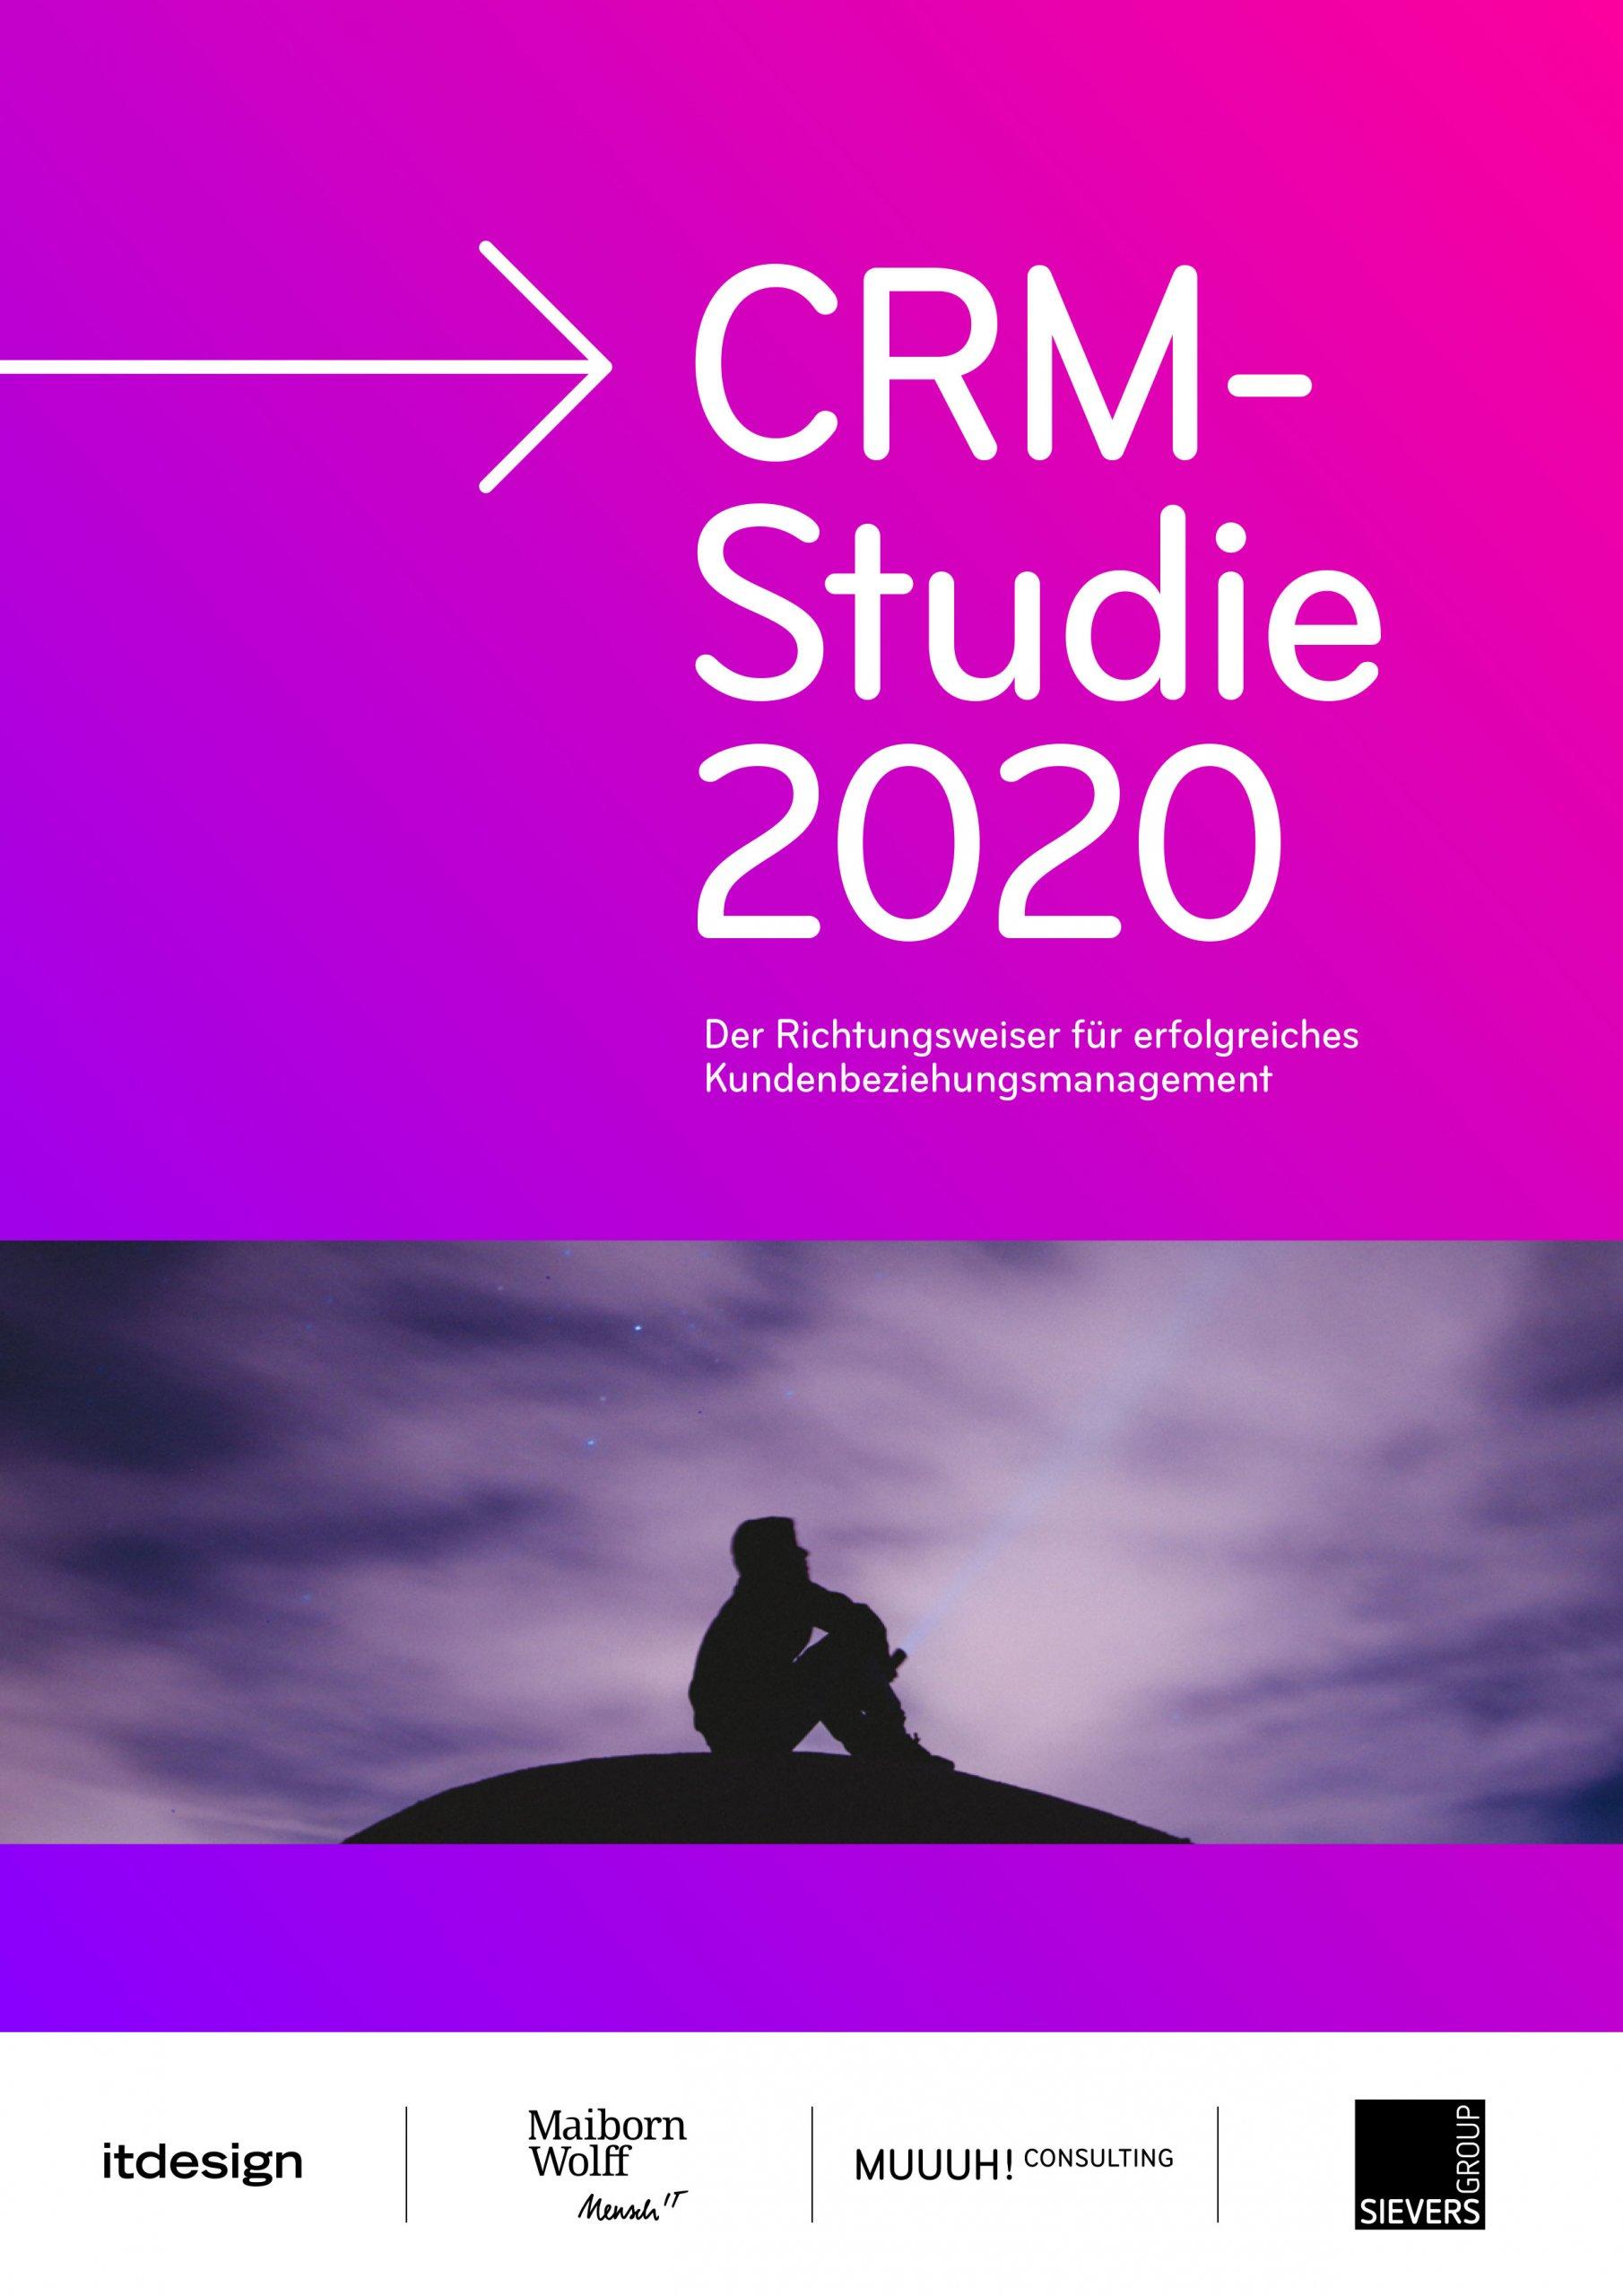 CRM Studie 2020